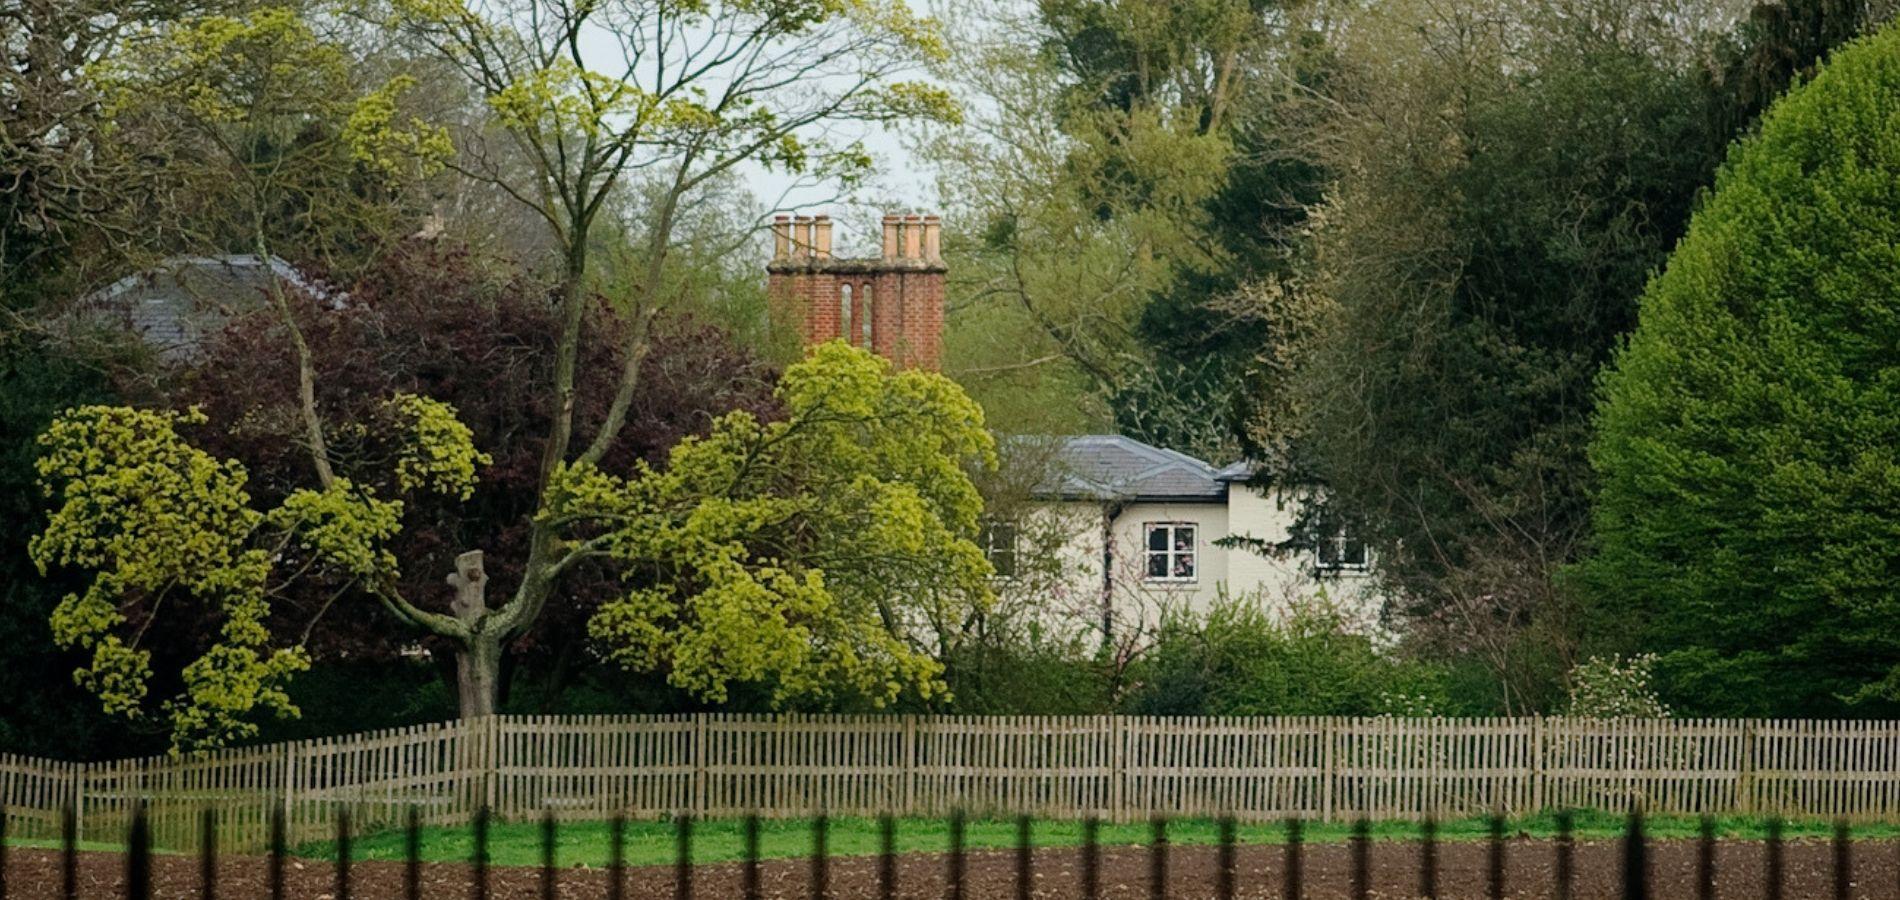 Meghan et Harry : le coût de leurs travaux à Frogmore Cottage fait grincer des dents